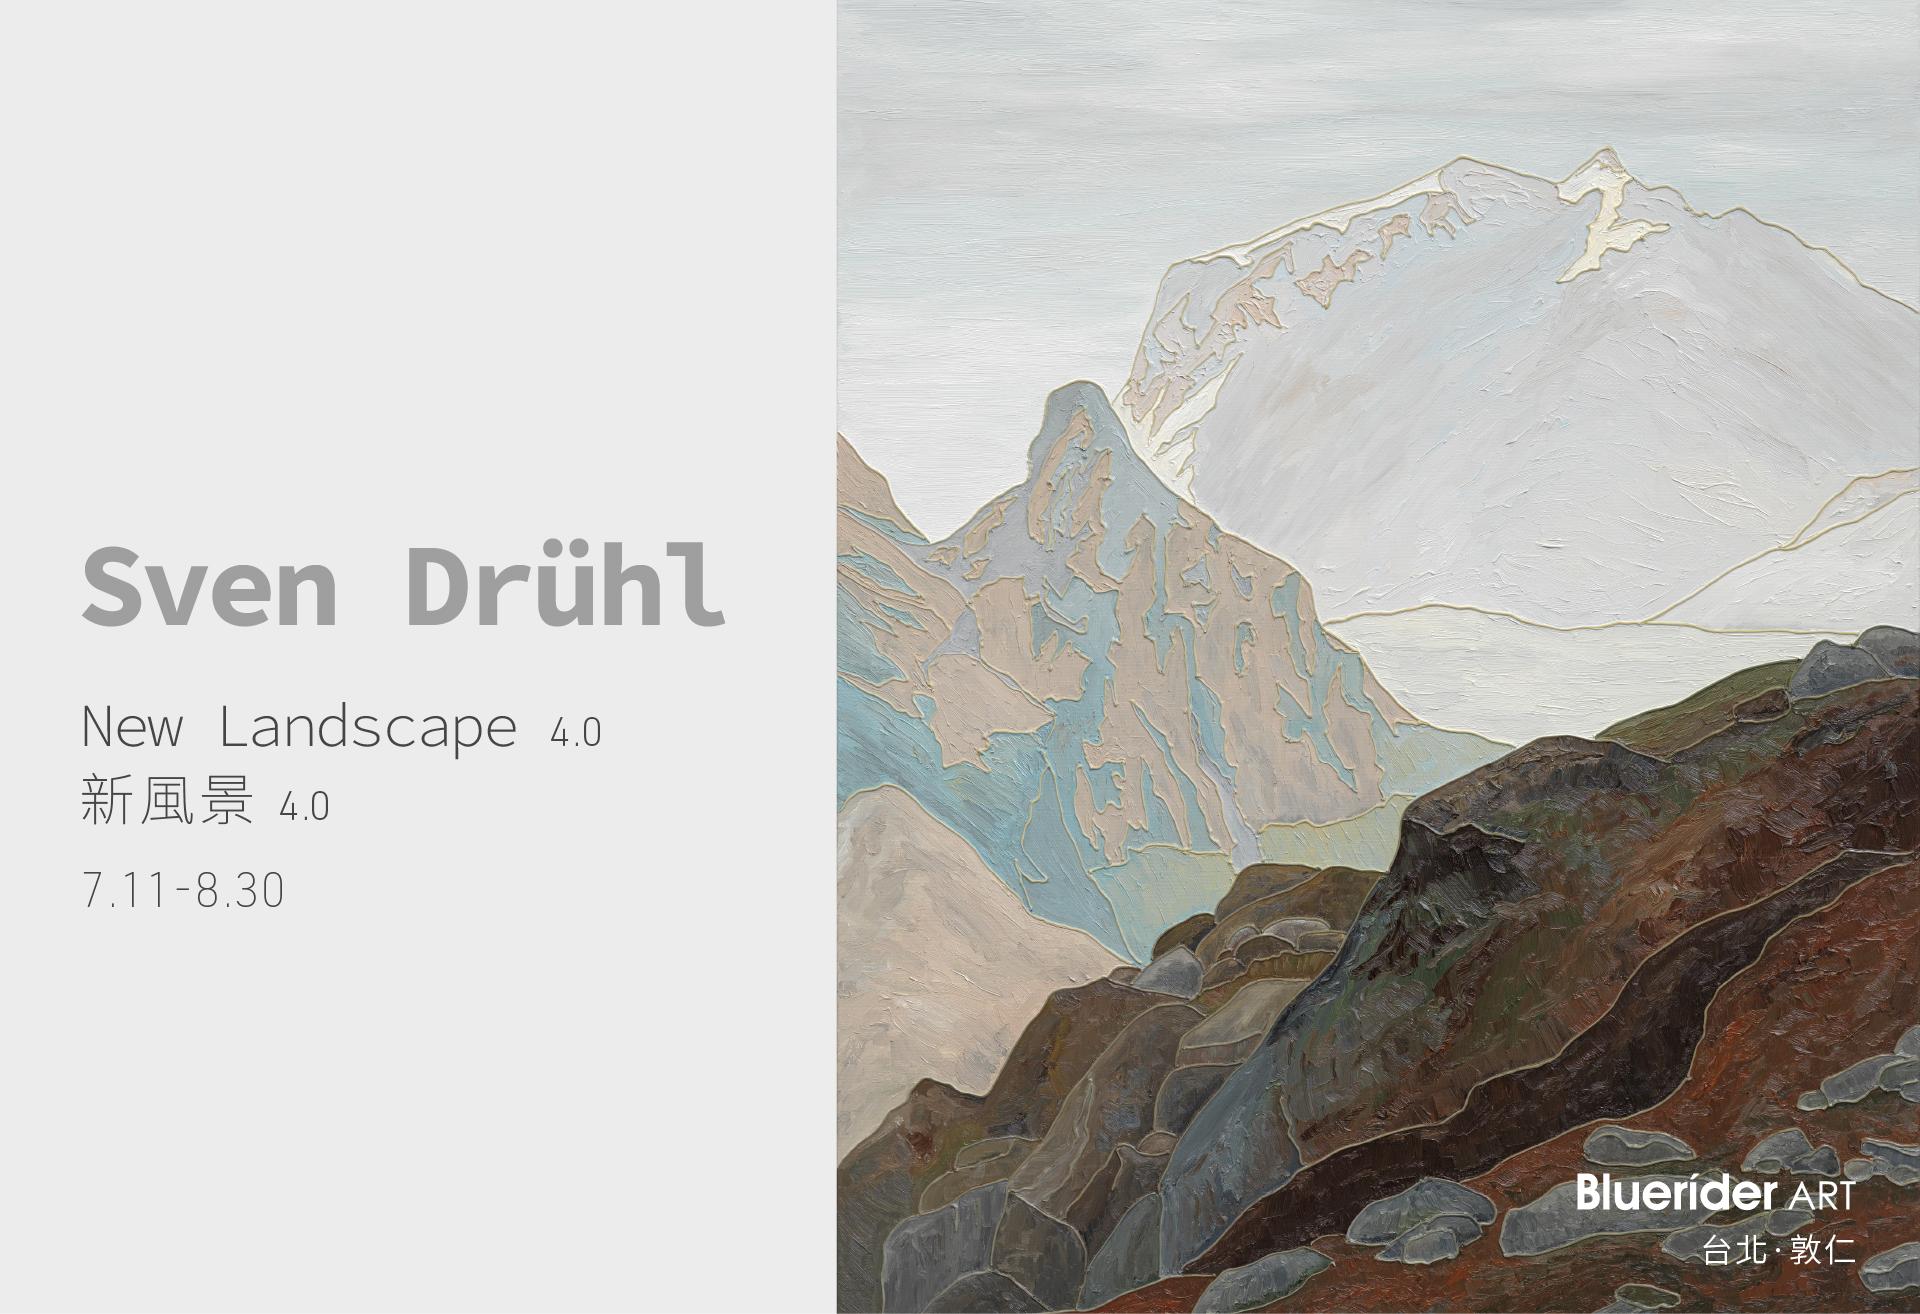 【台北·敦仁】- New landscape   4.0  新風景4.0  – Sven Drühl斯芬.杜爾首個展 亞洲首個展 7.11-8.30 , 2020